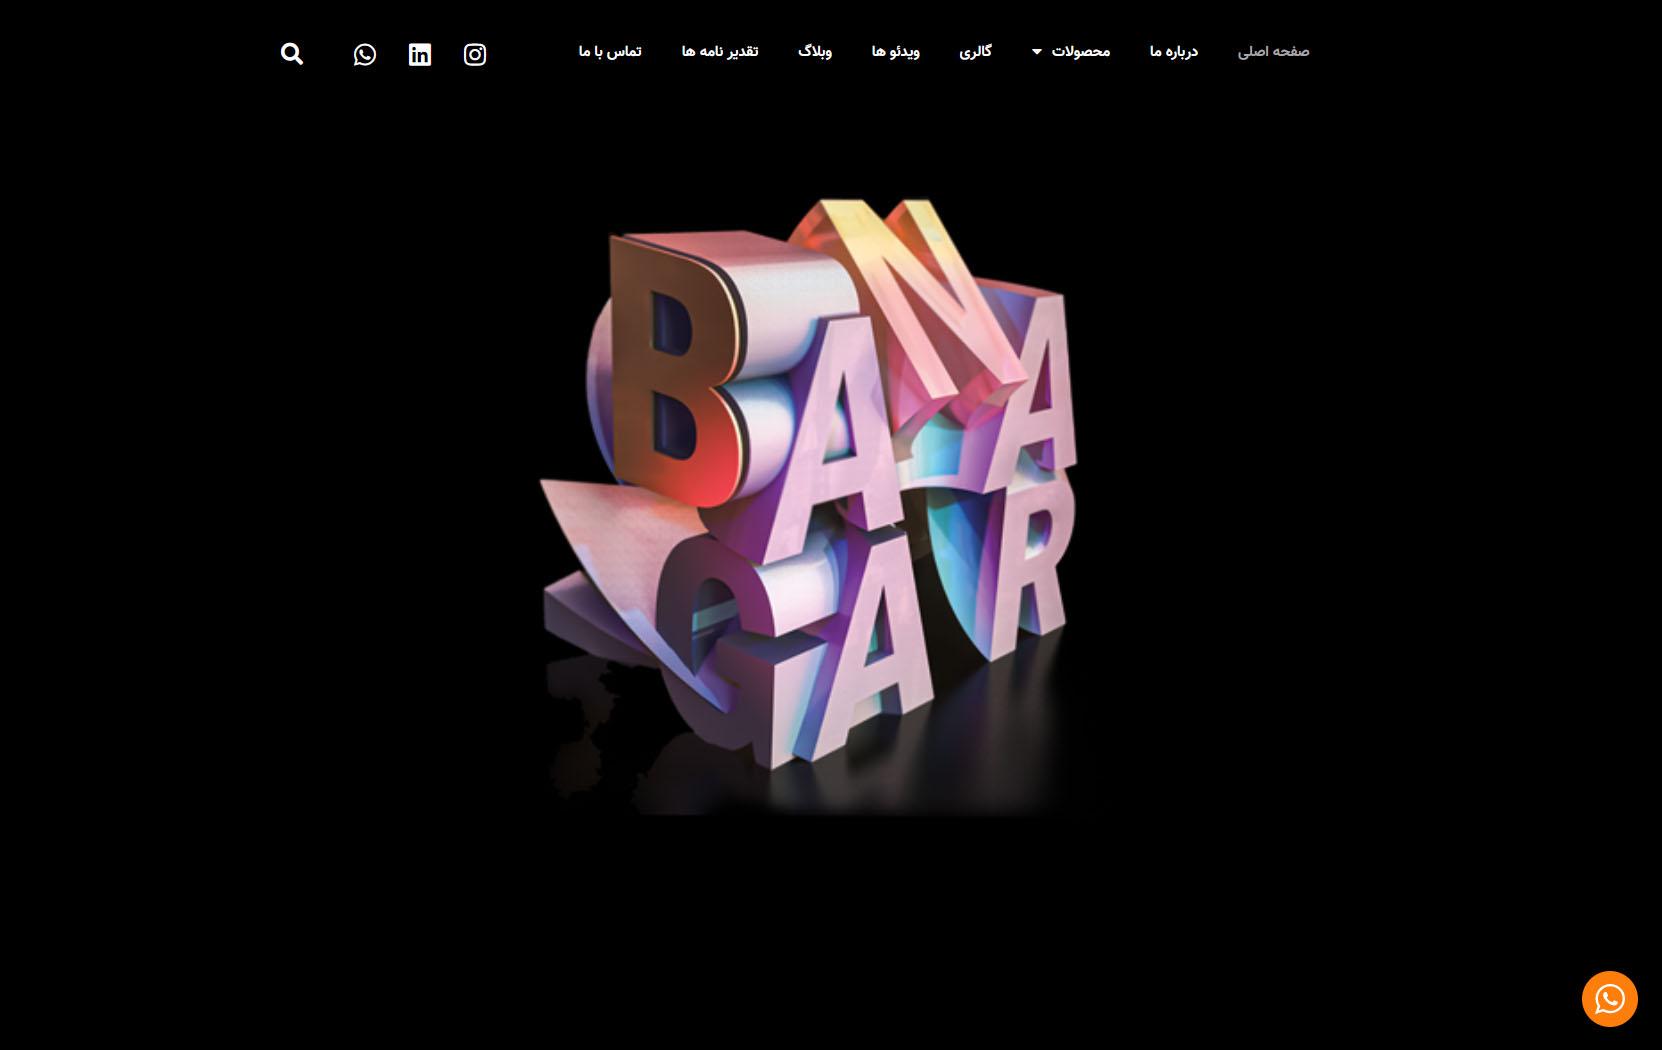 banagar - طراحی سایت